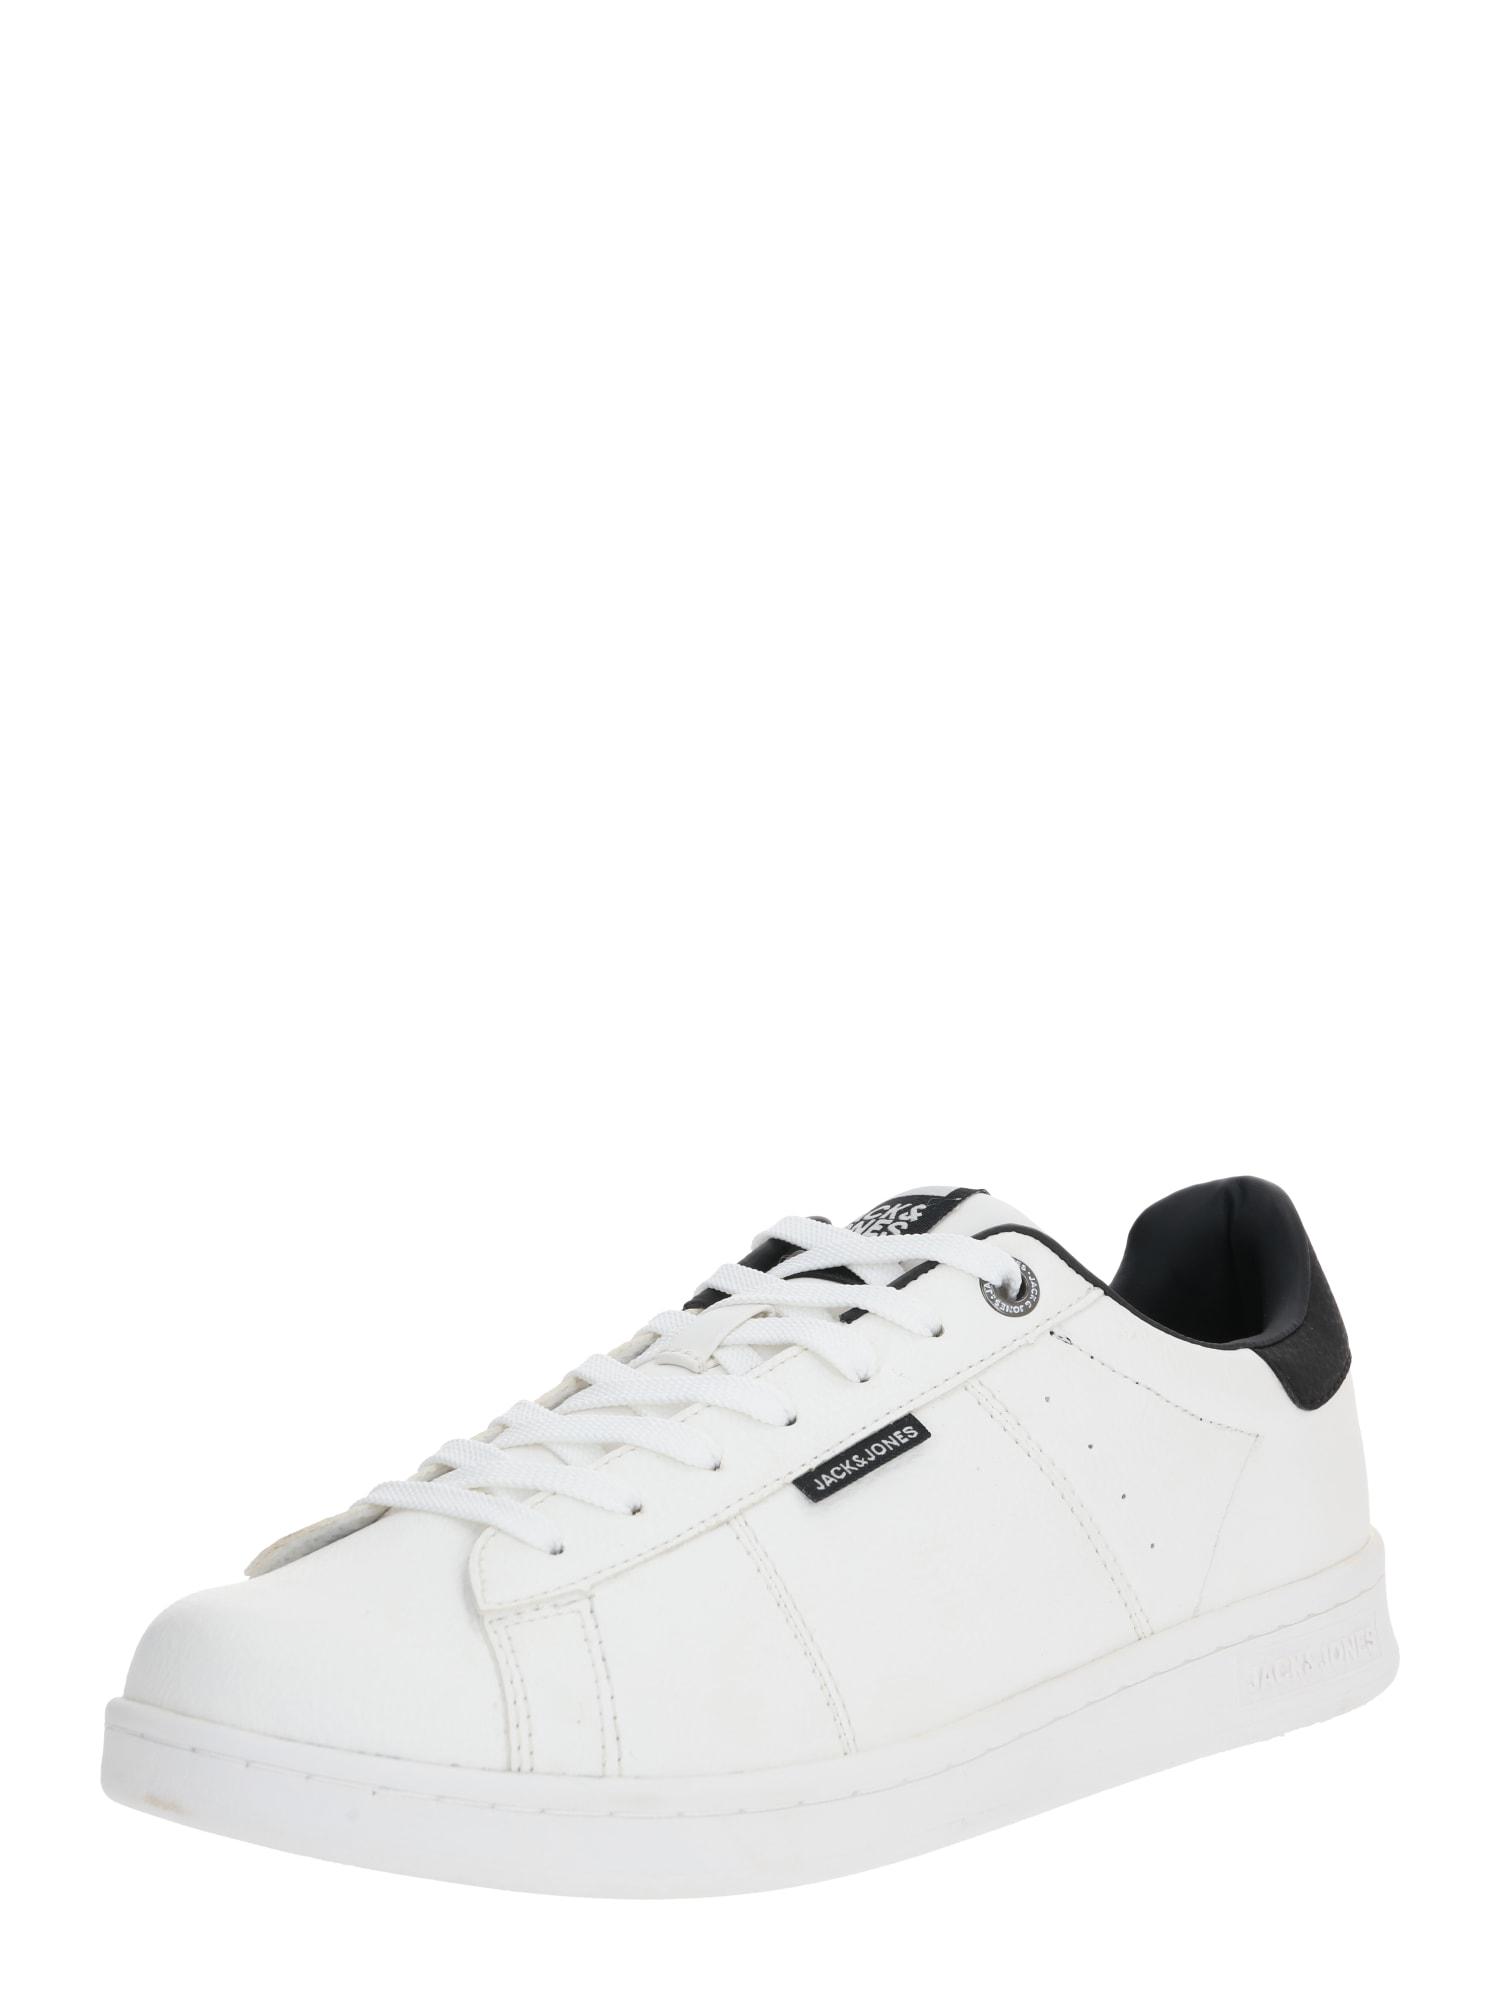 JACK & JONES Rövid szárú edzőcipők  sötétkék / fehér